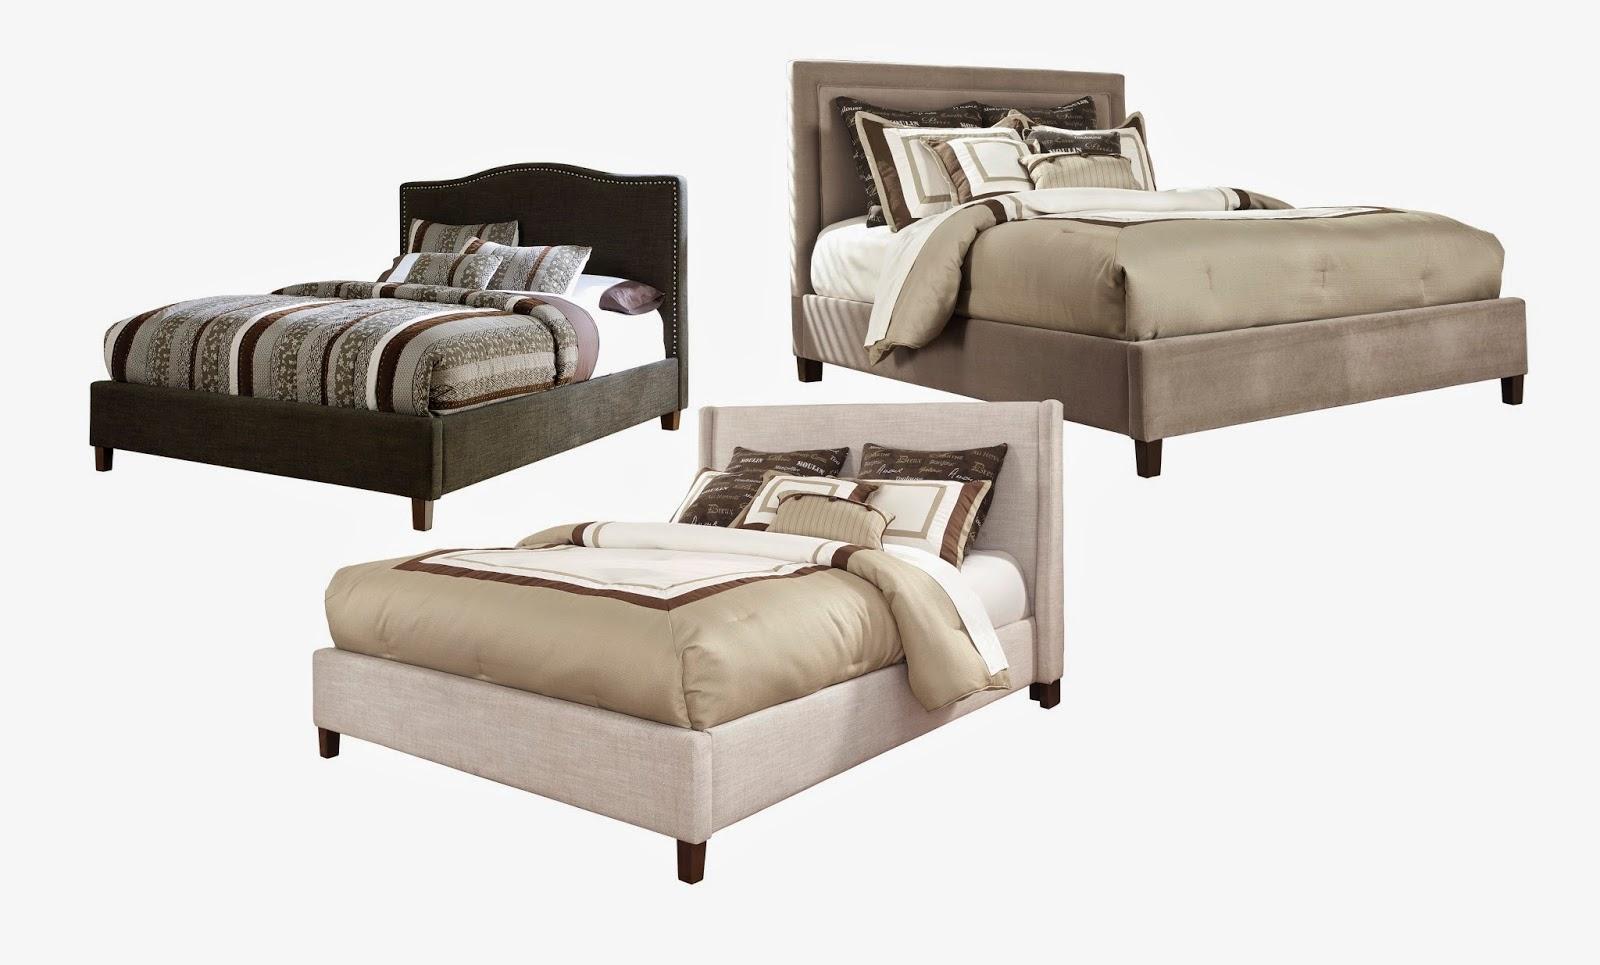 Get A New Bedding Set